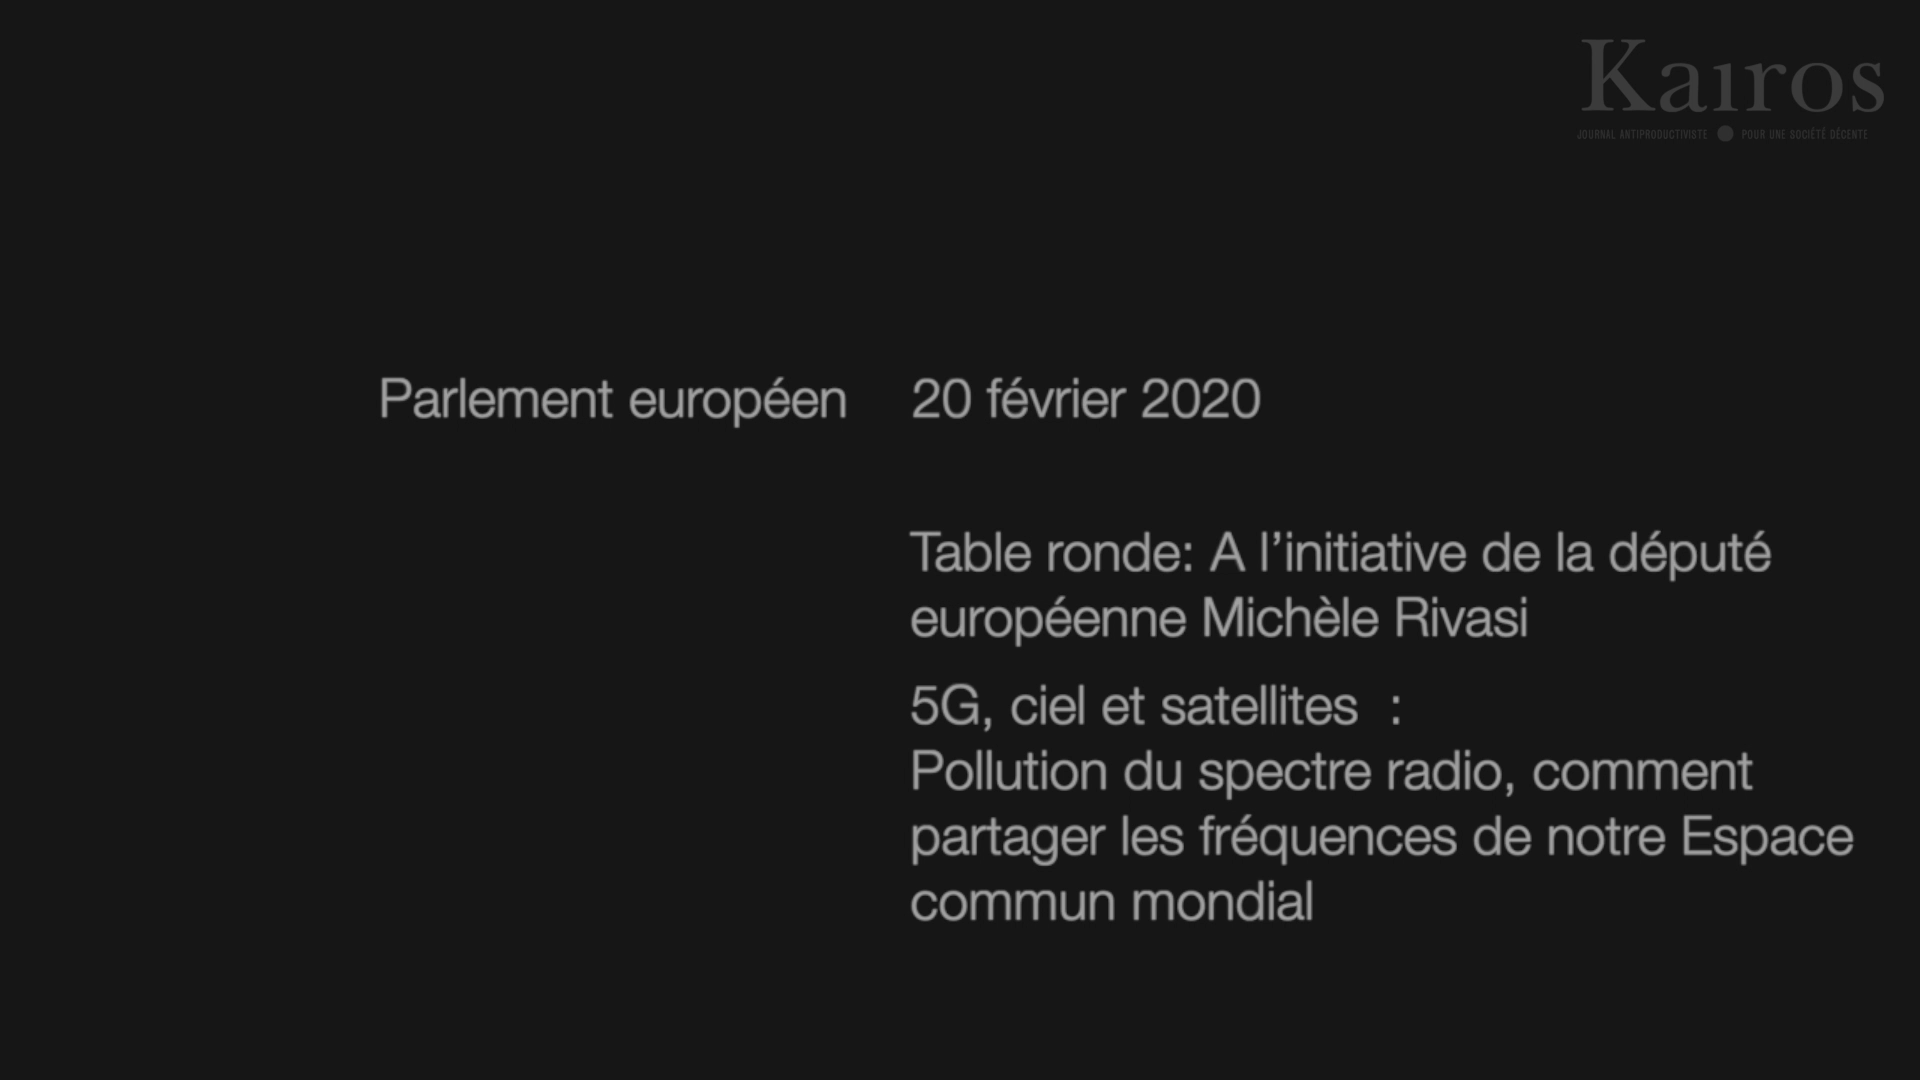 La 5 G au parlement européen, session 2, ou la cécité comme mode d'organisation politique